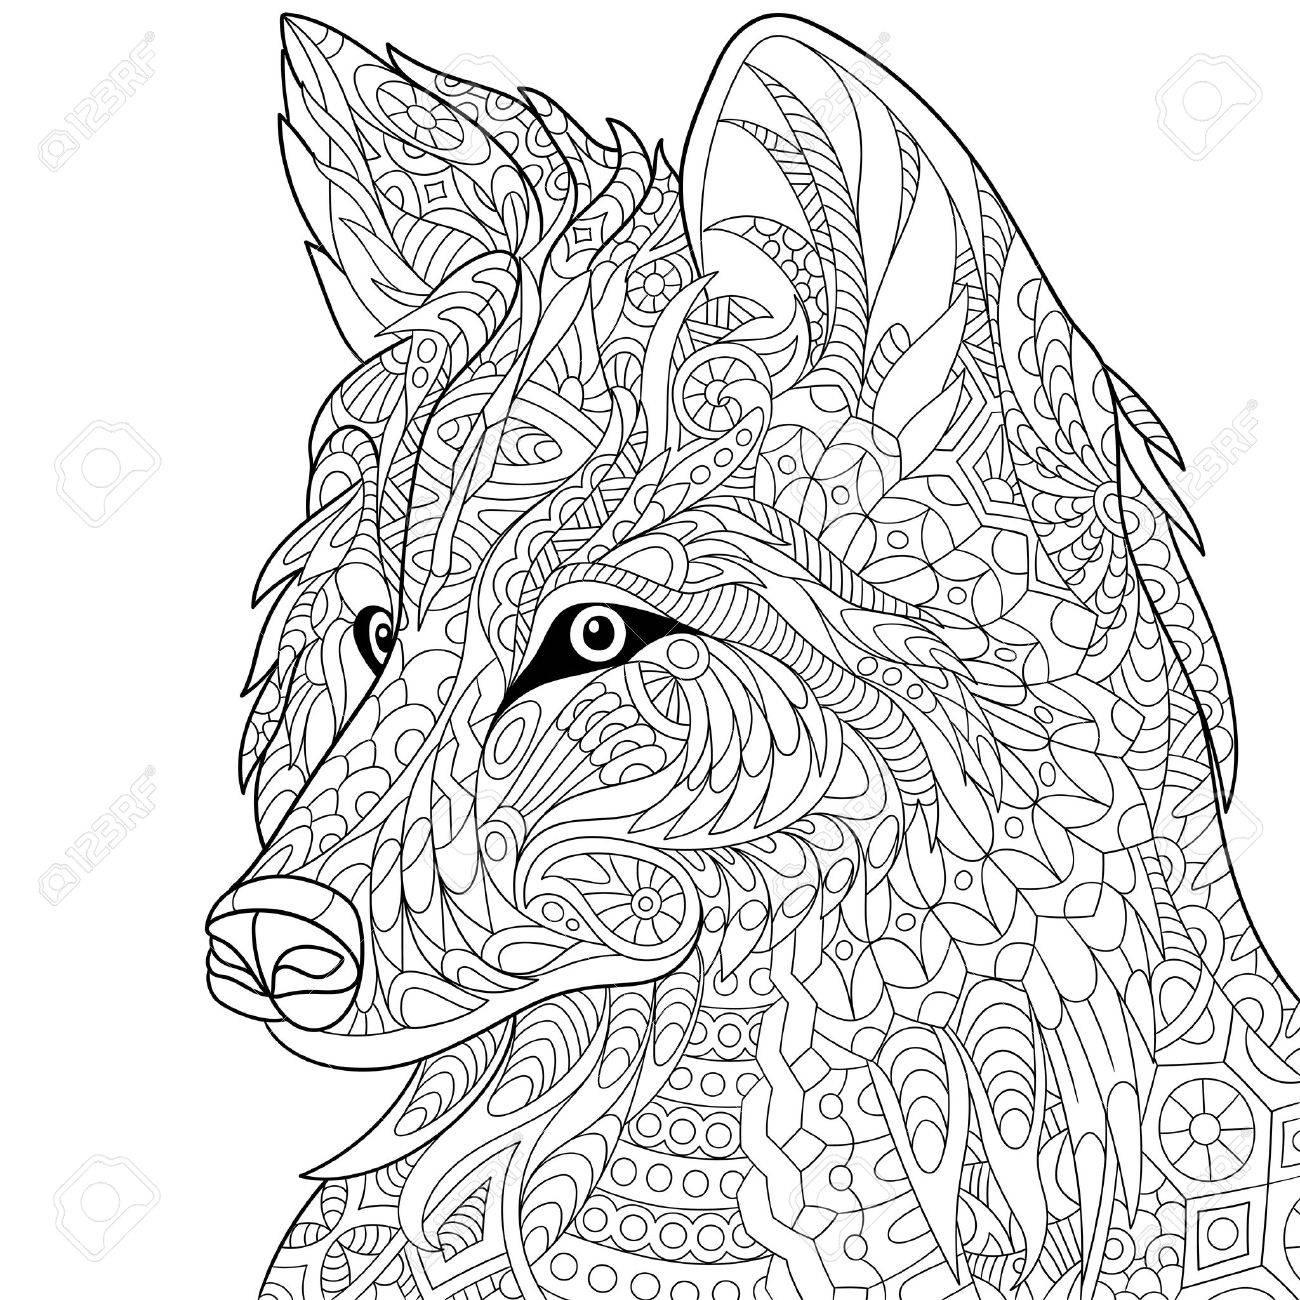 Gestileerde Cartoon Wolf Geïsoleerd Op Een Witte Achtergrond Hand Getrokken Schets Voor Volwassen Antistress Kleurplaat T Shirt Embleem Tattoo Met